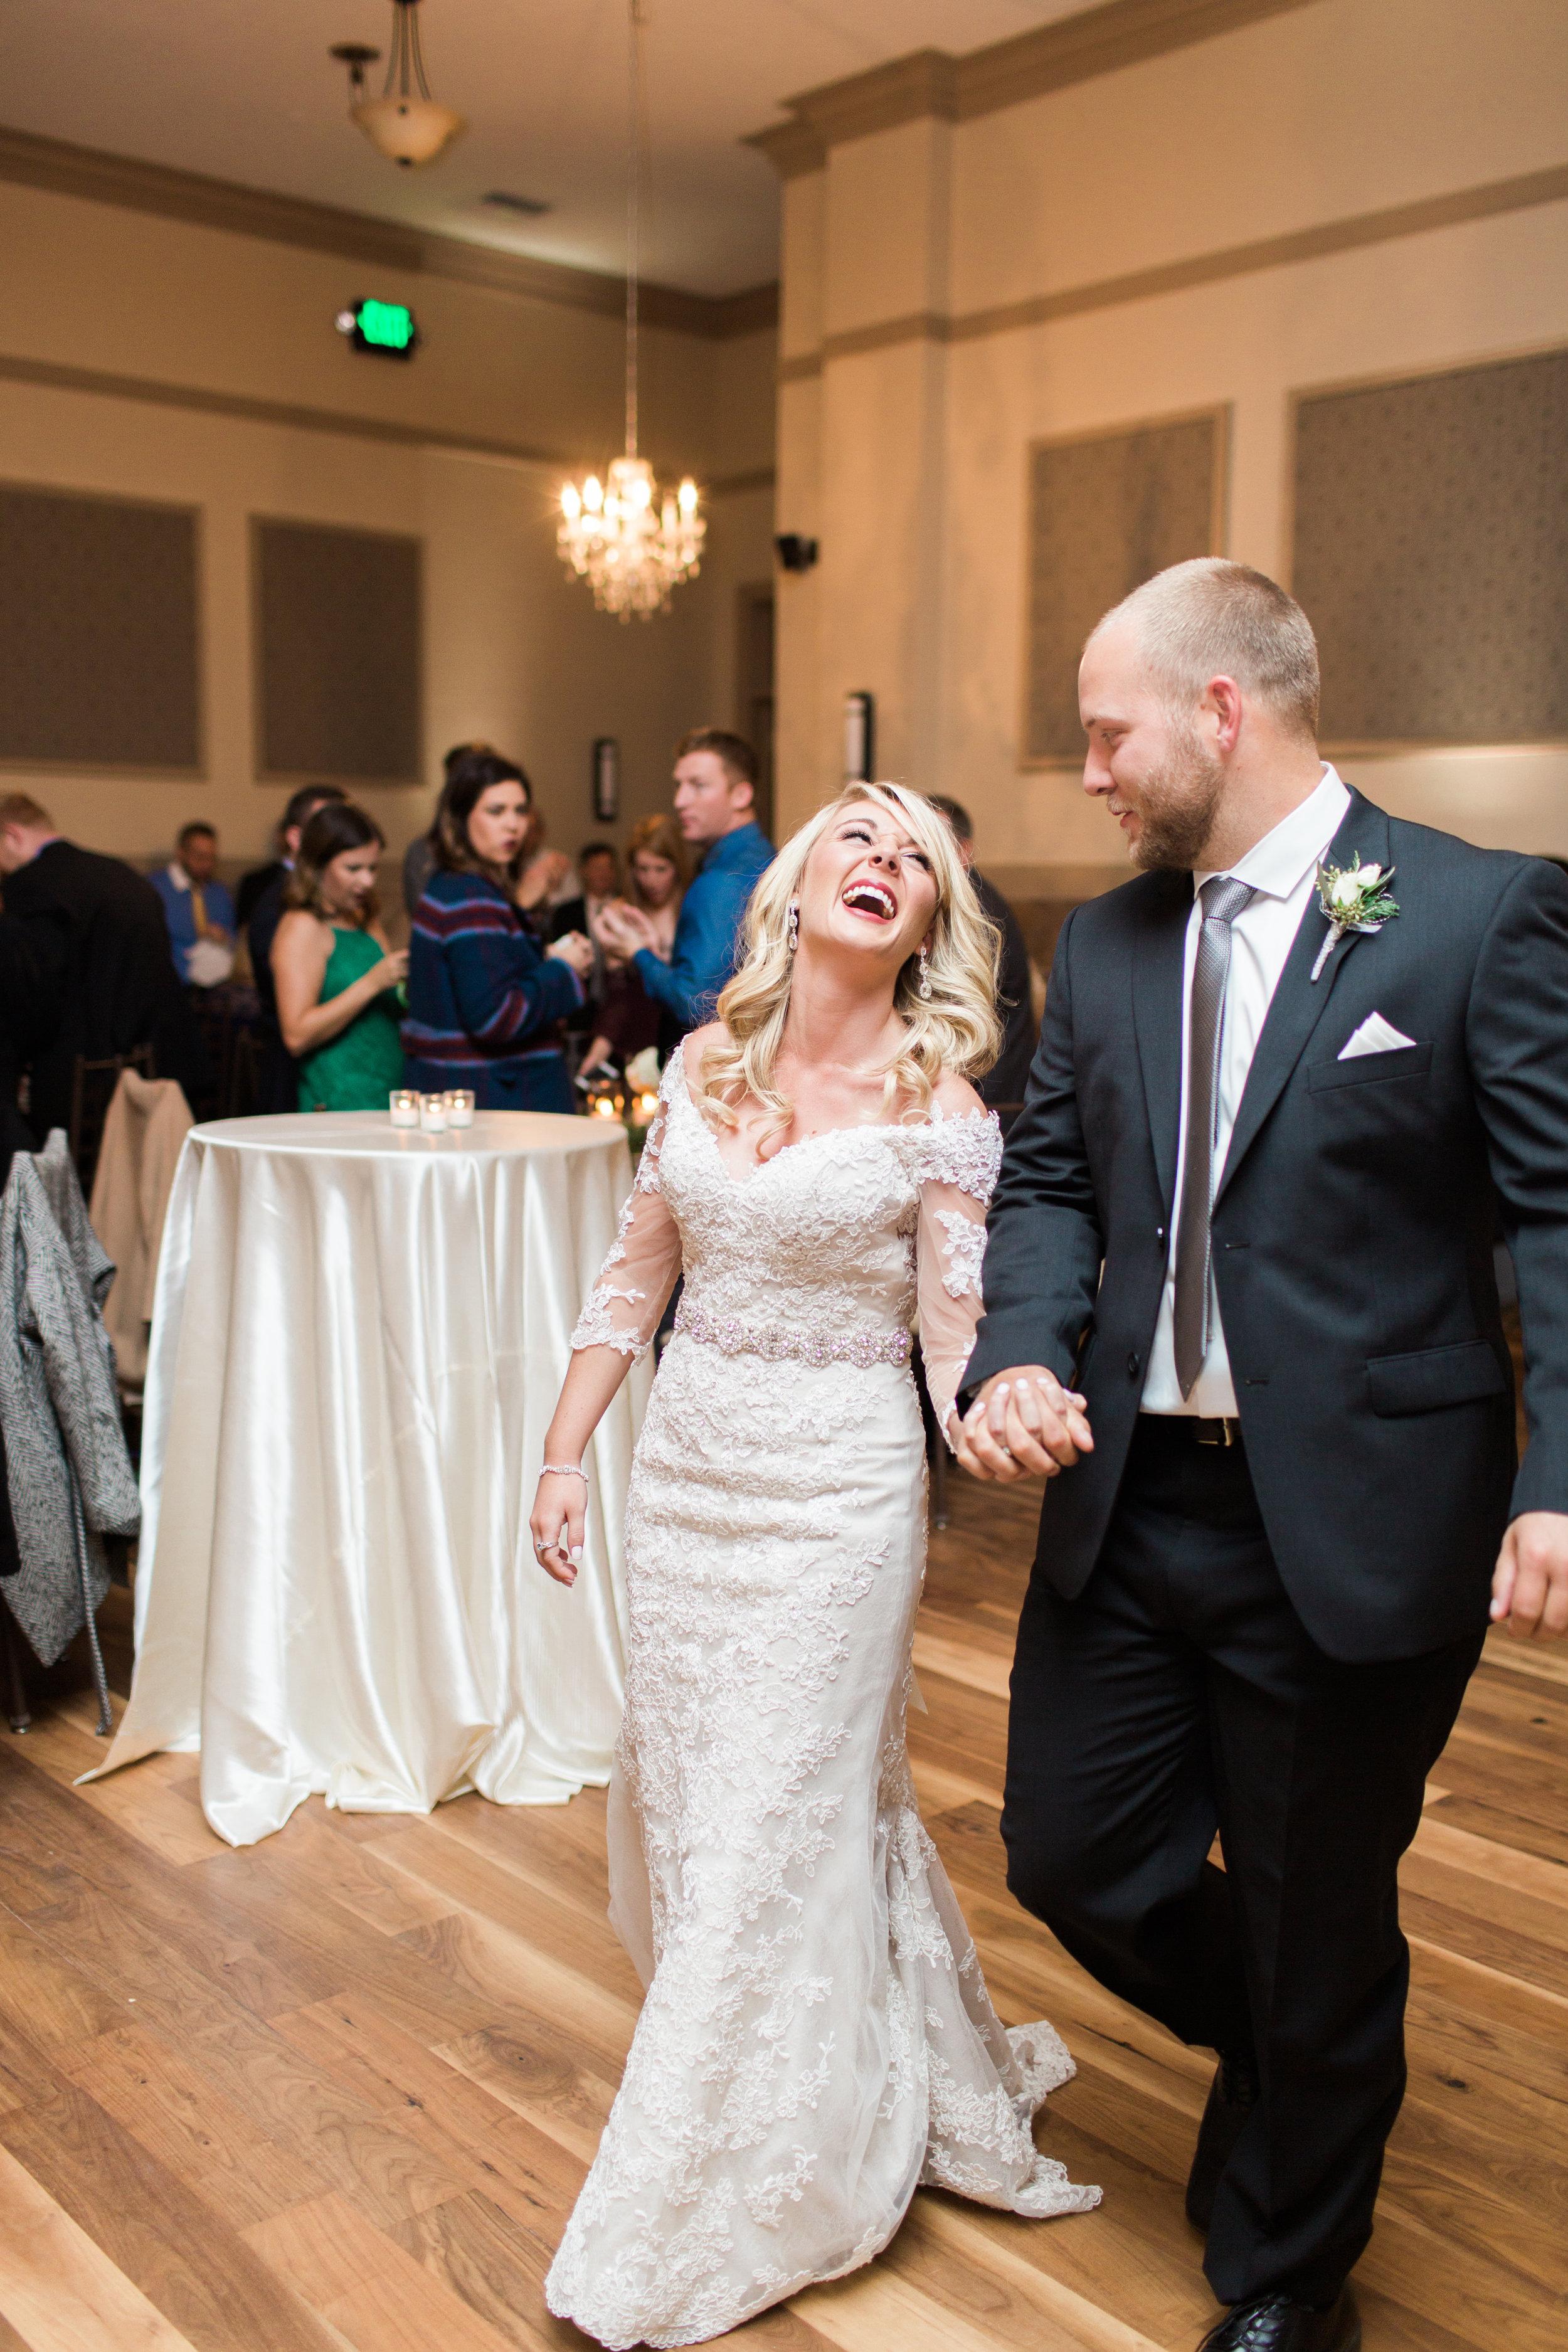 Magnolia Adams Photography | Bride and Groom | Reception